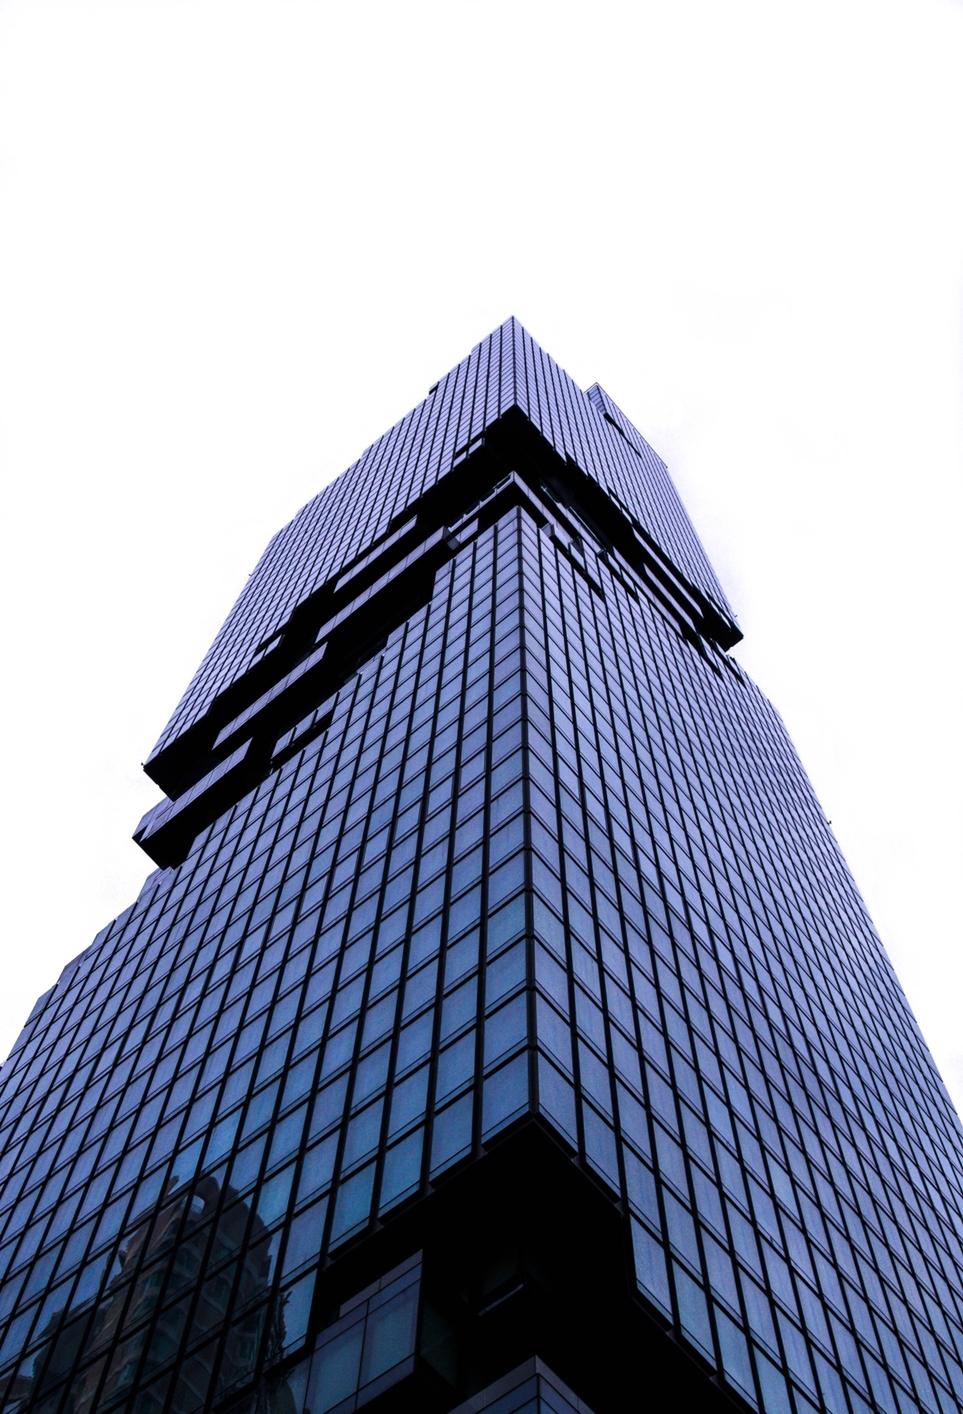 태국 최고층 빌딩의 전망대 엘리베이터를 밝혀주는 올레드 사이니지